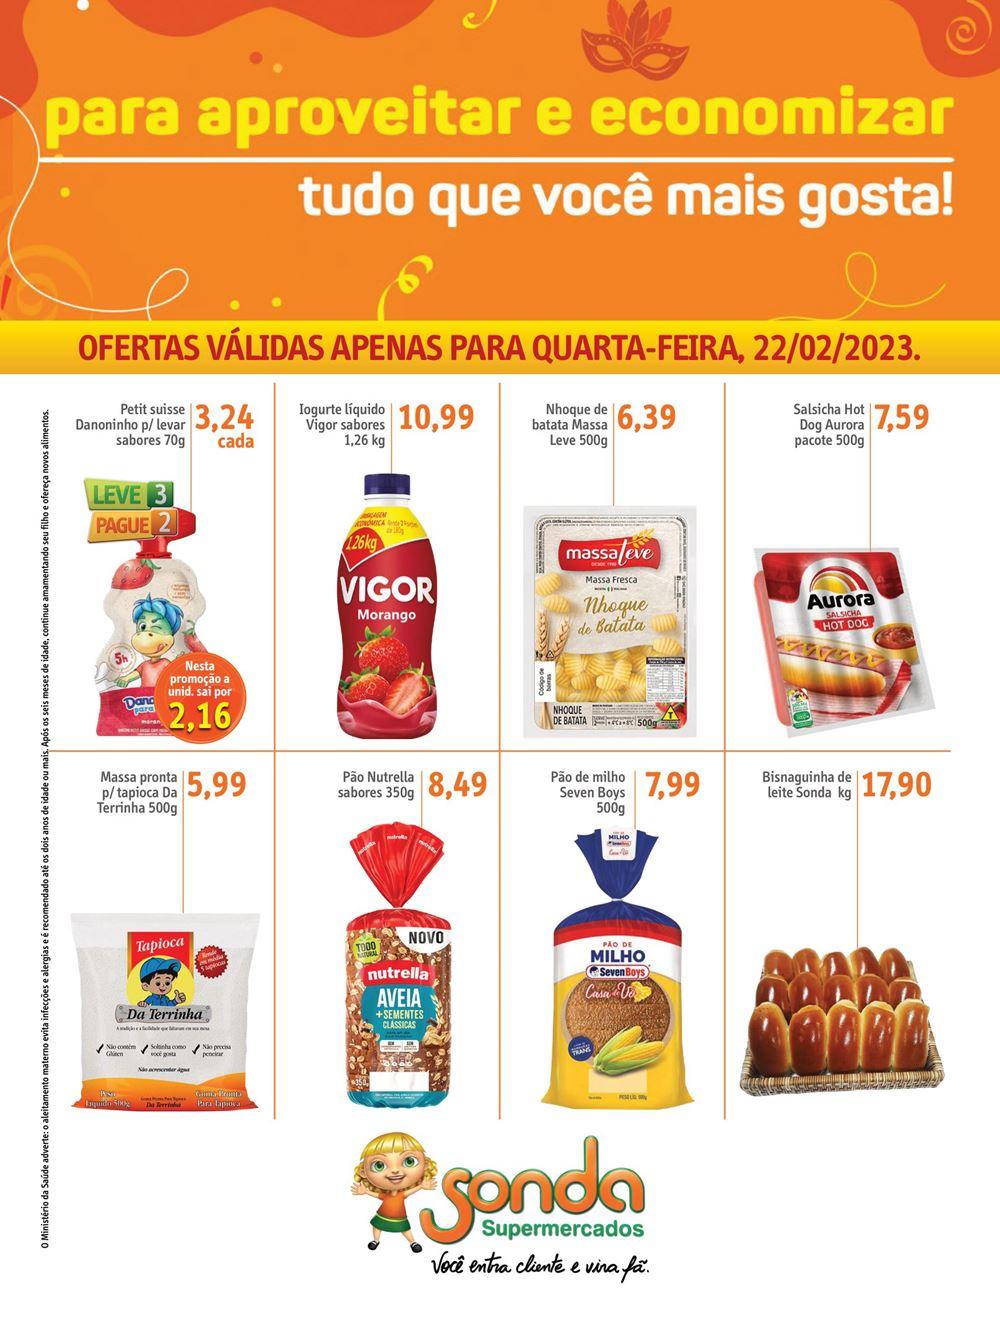 sonda-ofertas-descontos-hoje2-83 Ofertas de supermercados